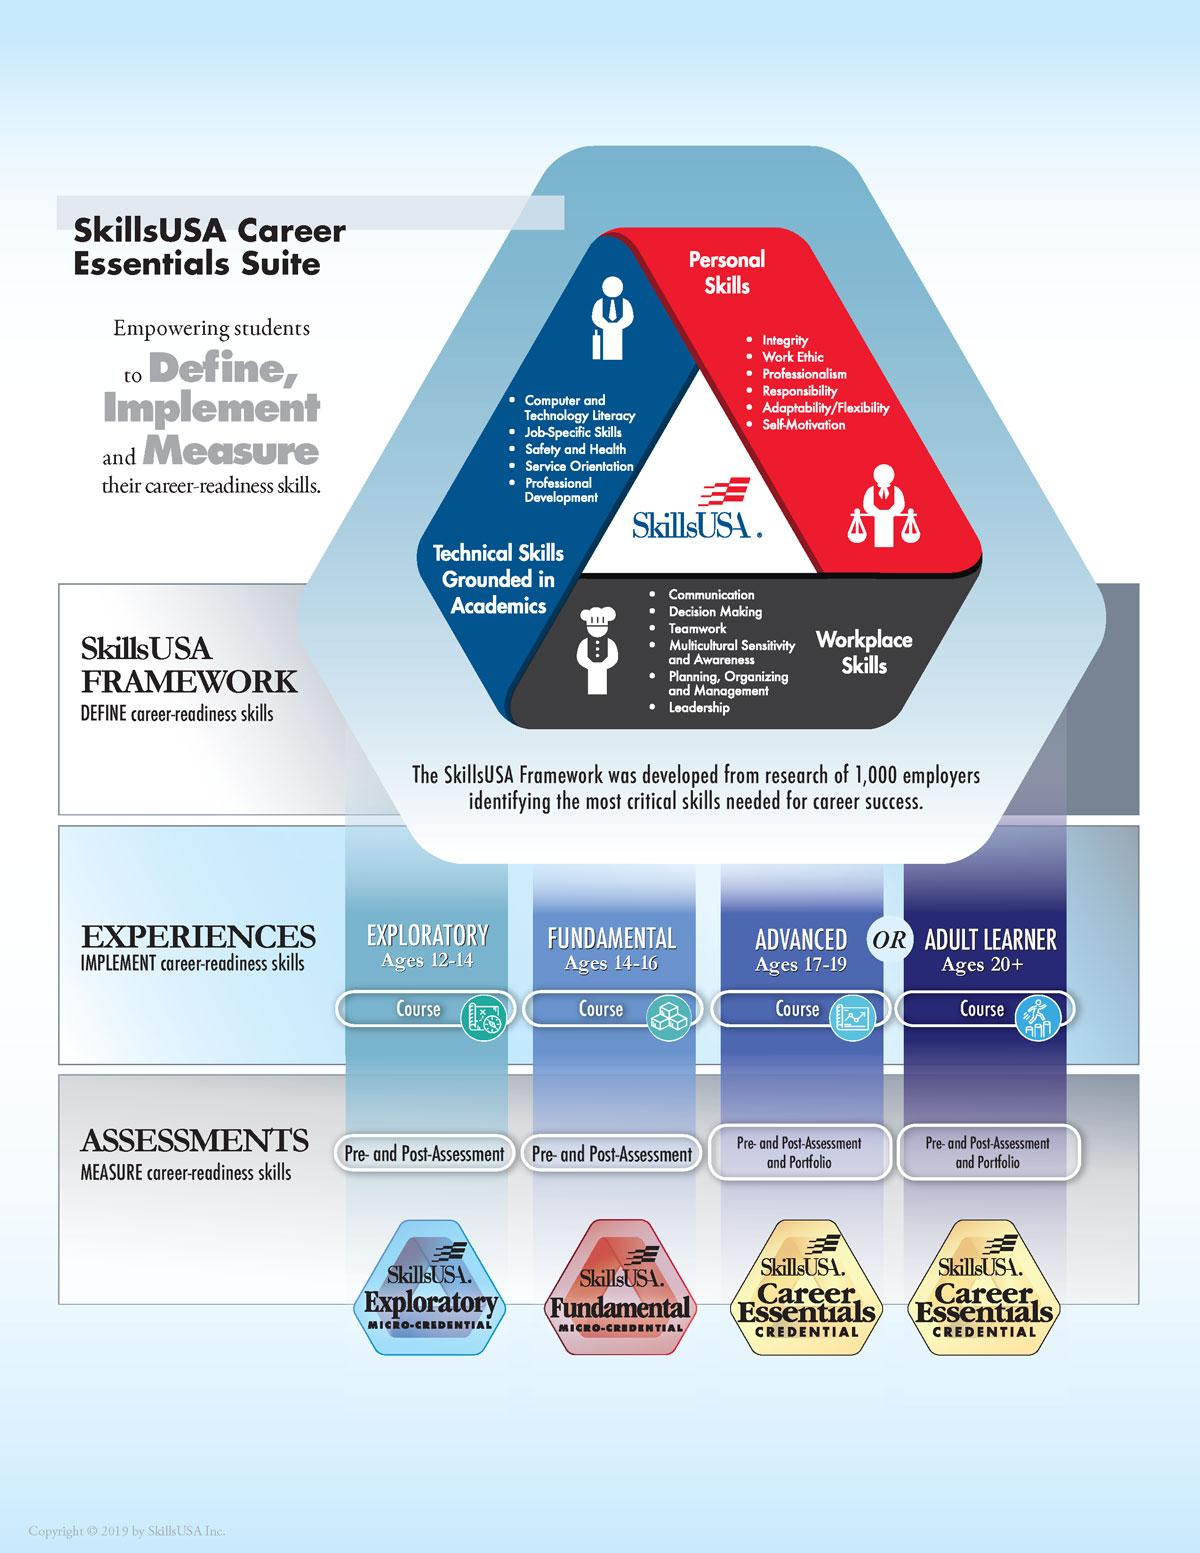 Career Essentials Suite